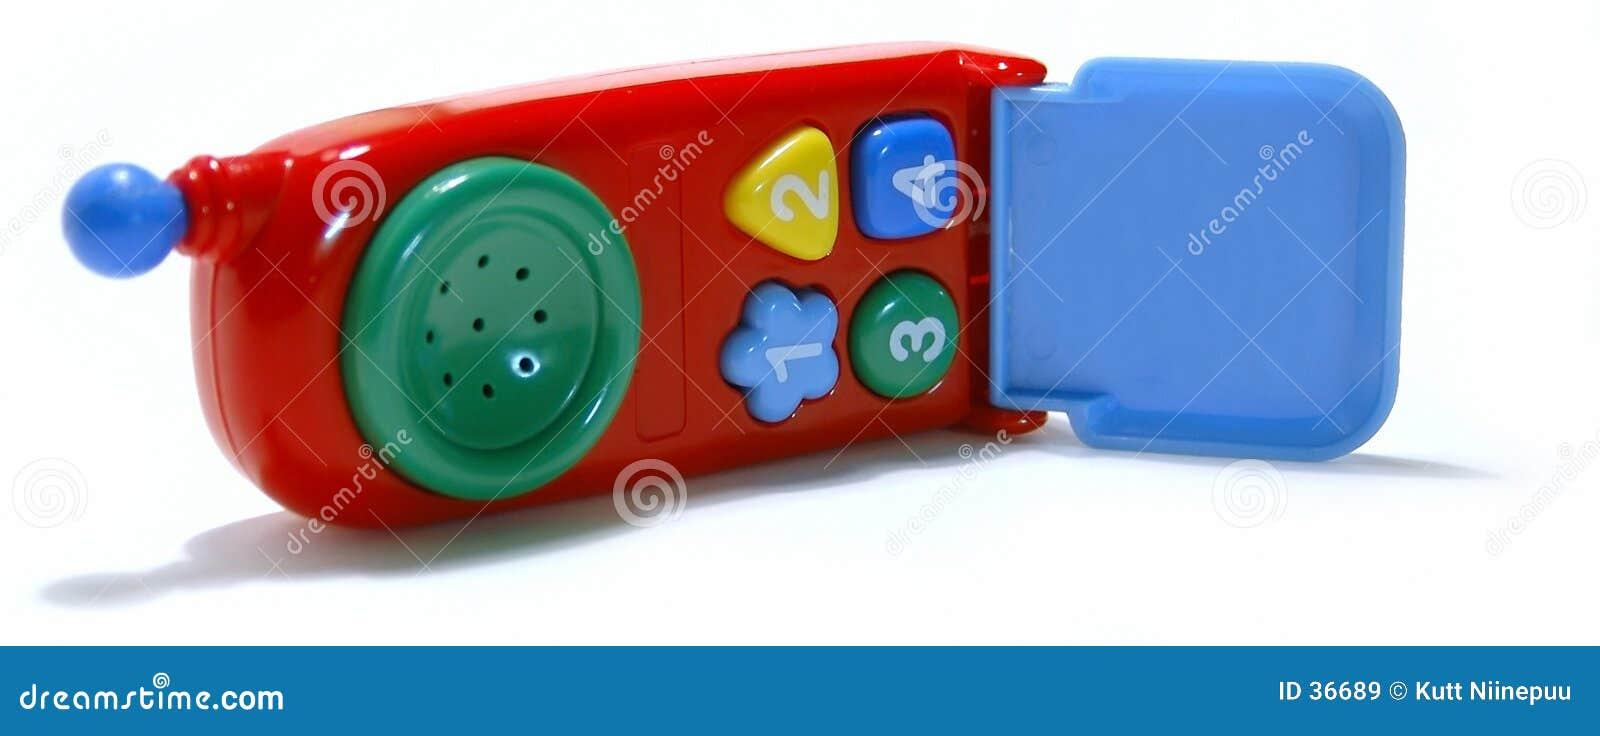 игрушка сотового телефона